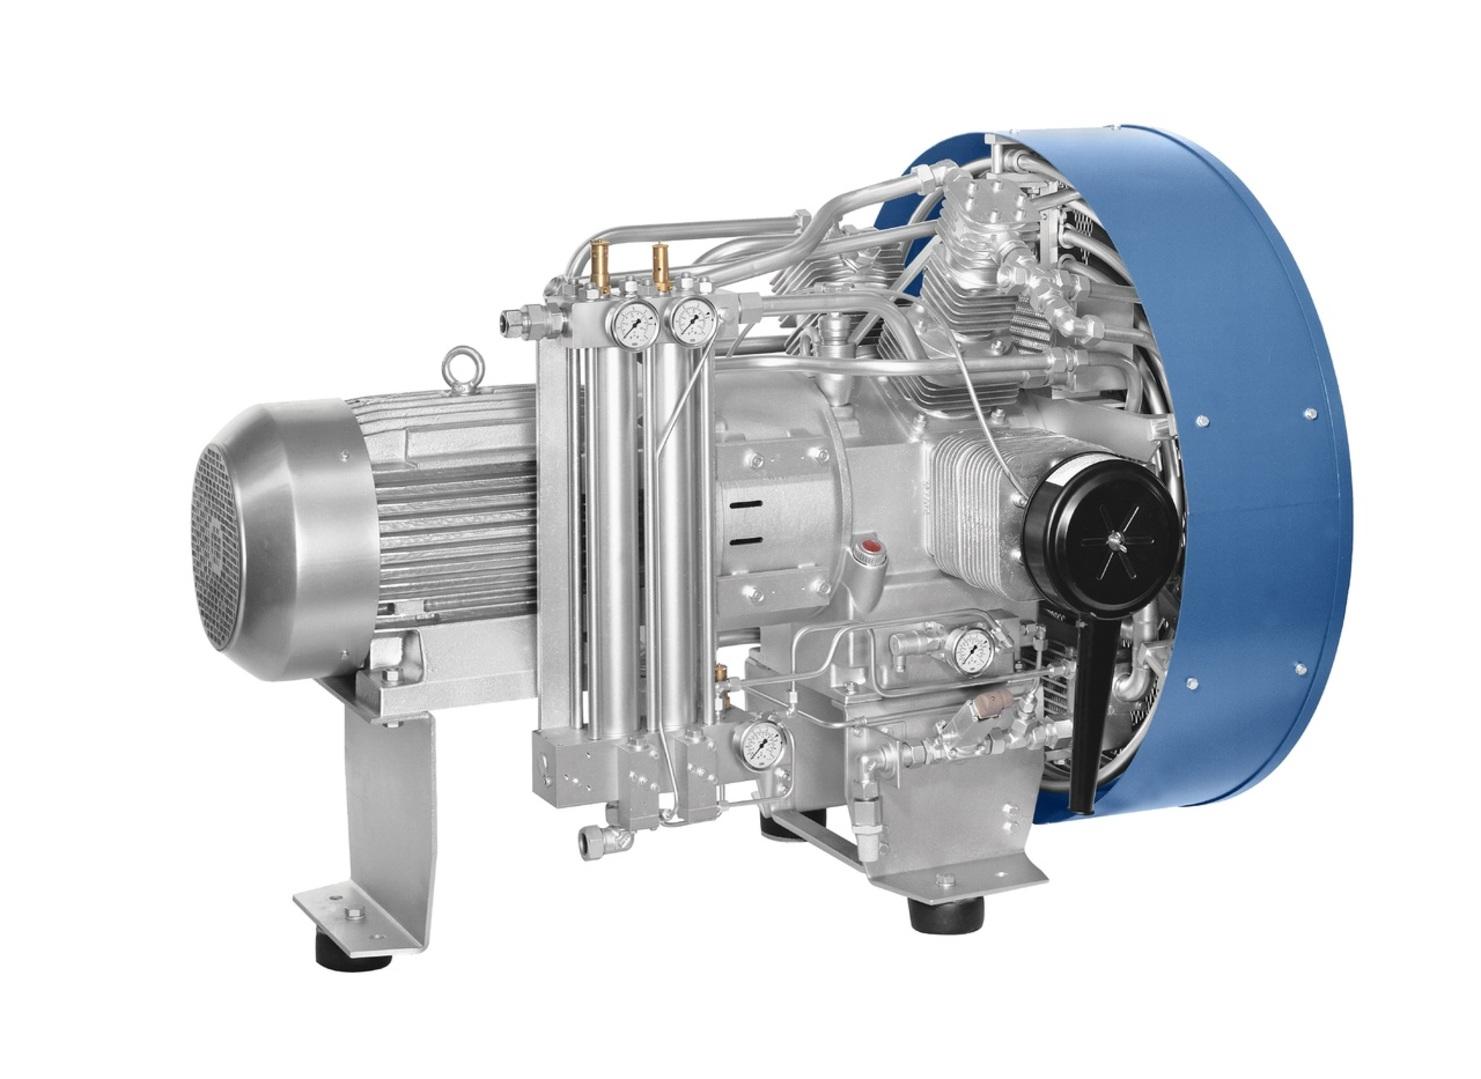 Ja Becker Air Compressors up to 40 Bar